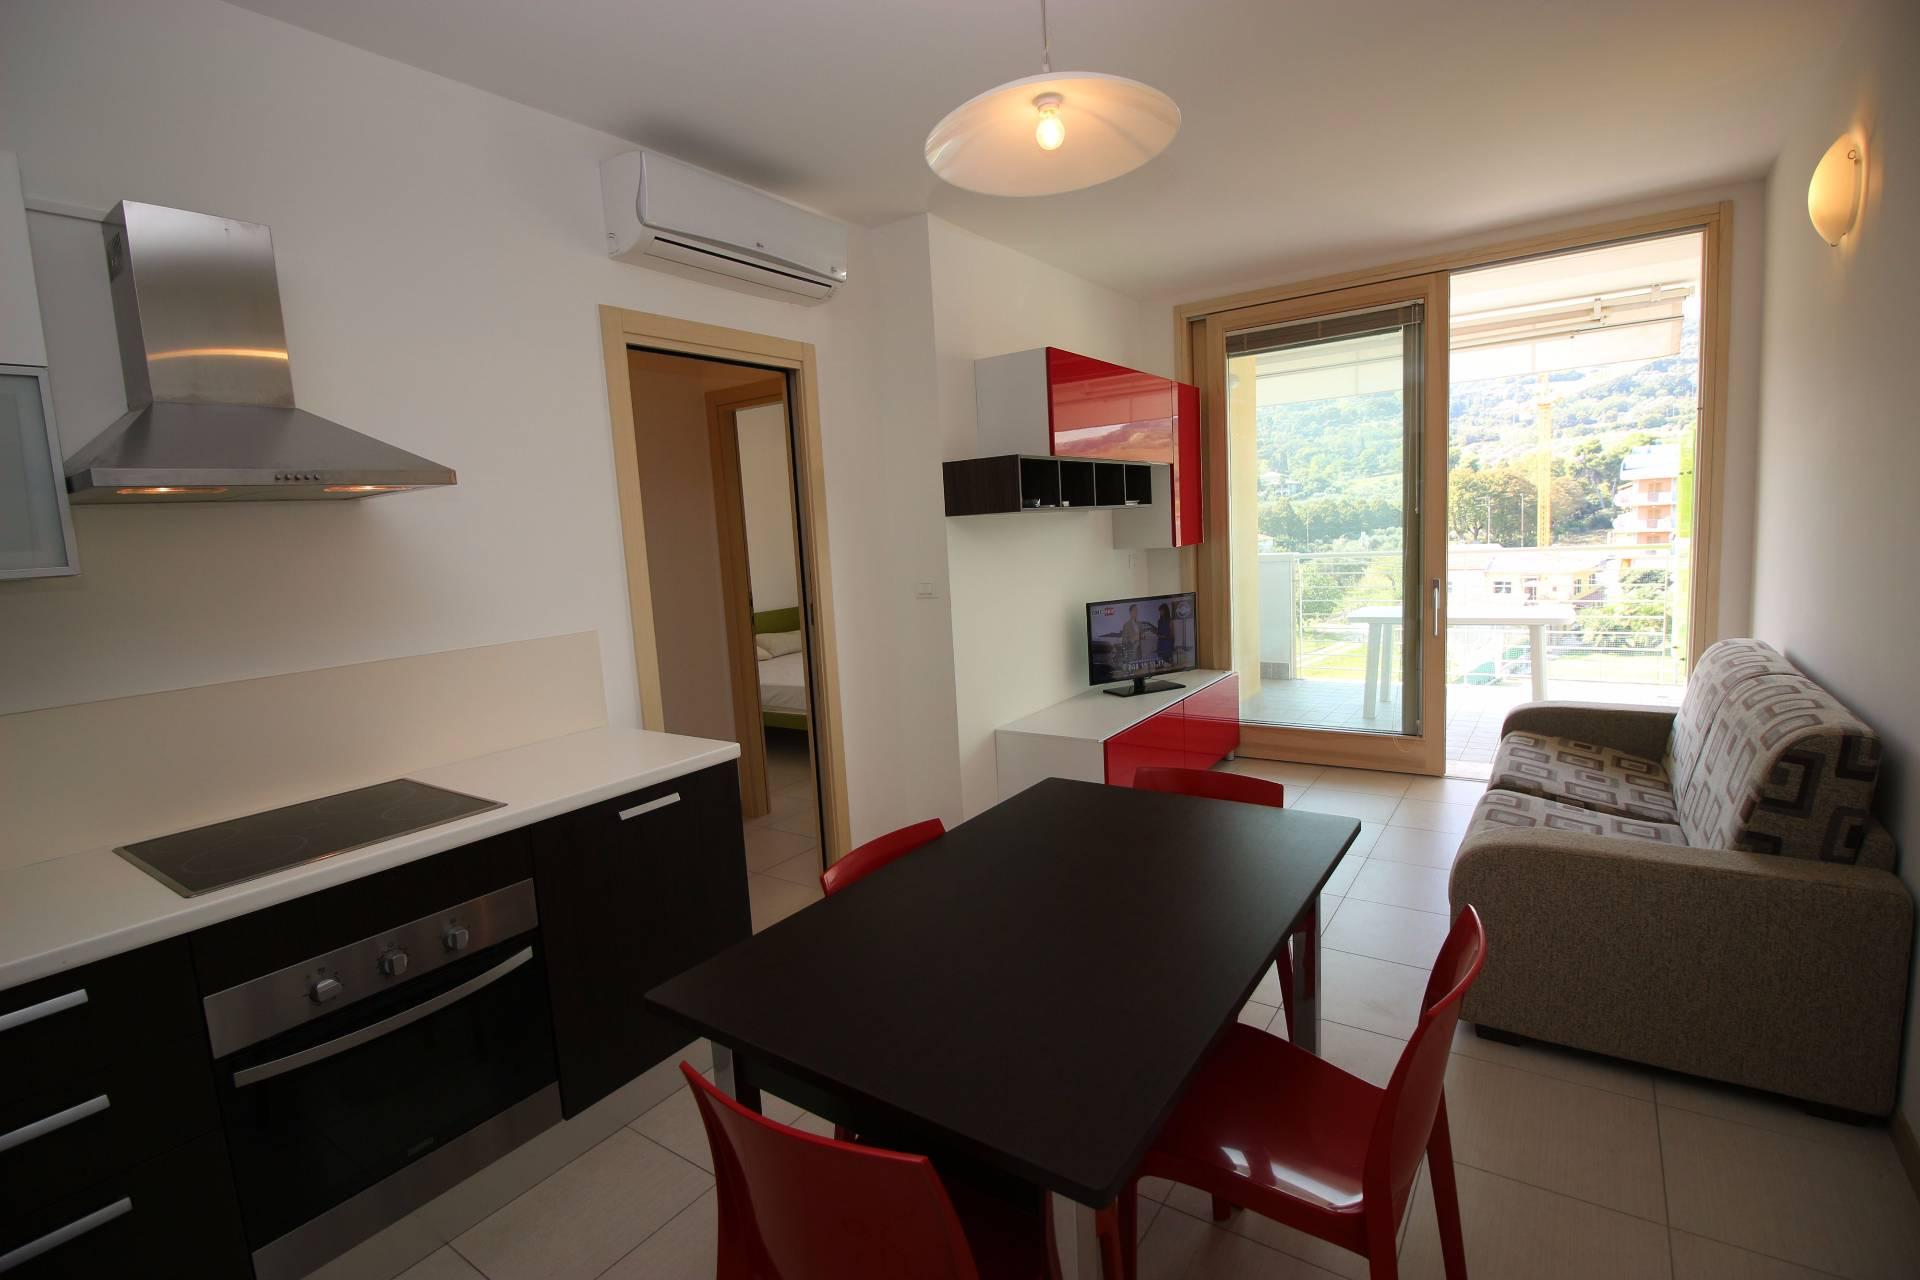 Appartamento in affitto a Tortoreto, 3 locali, zona Località: ZonaMare, prezzo € 250 | Cambio Casa.it